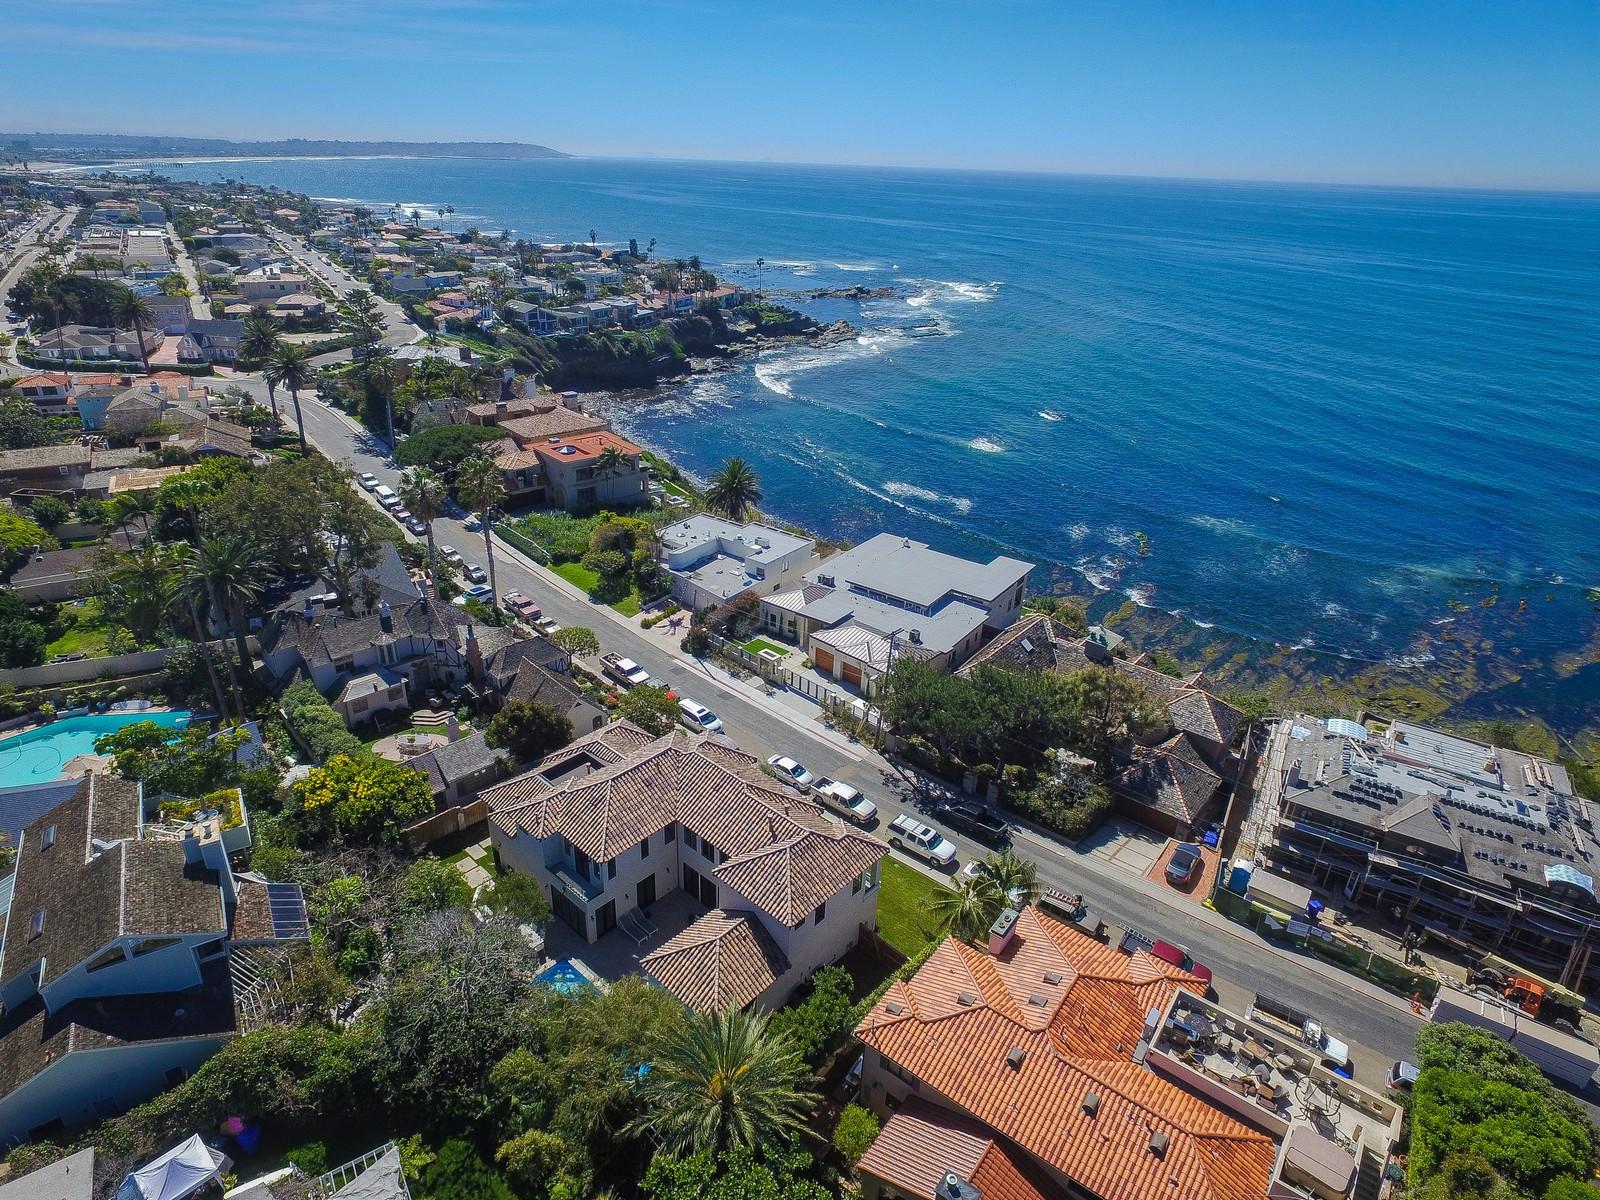 独户住宅 为 销售 在 5915 Camino De La Costa 拉荷亚, 加利福尼亚州 92037 美国